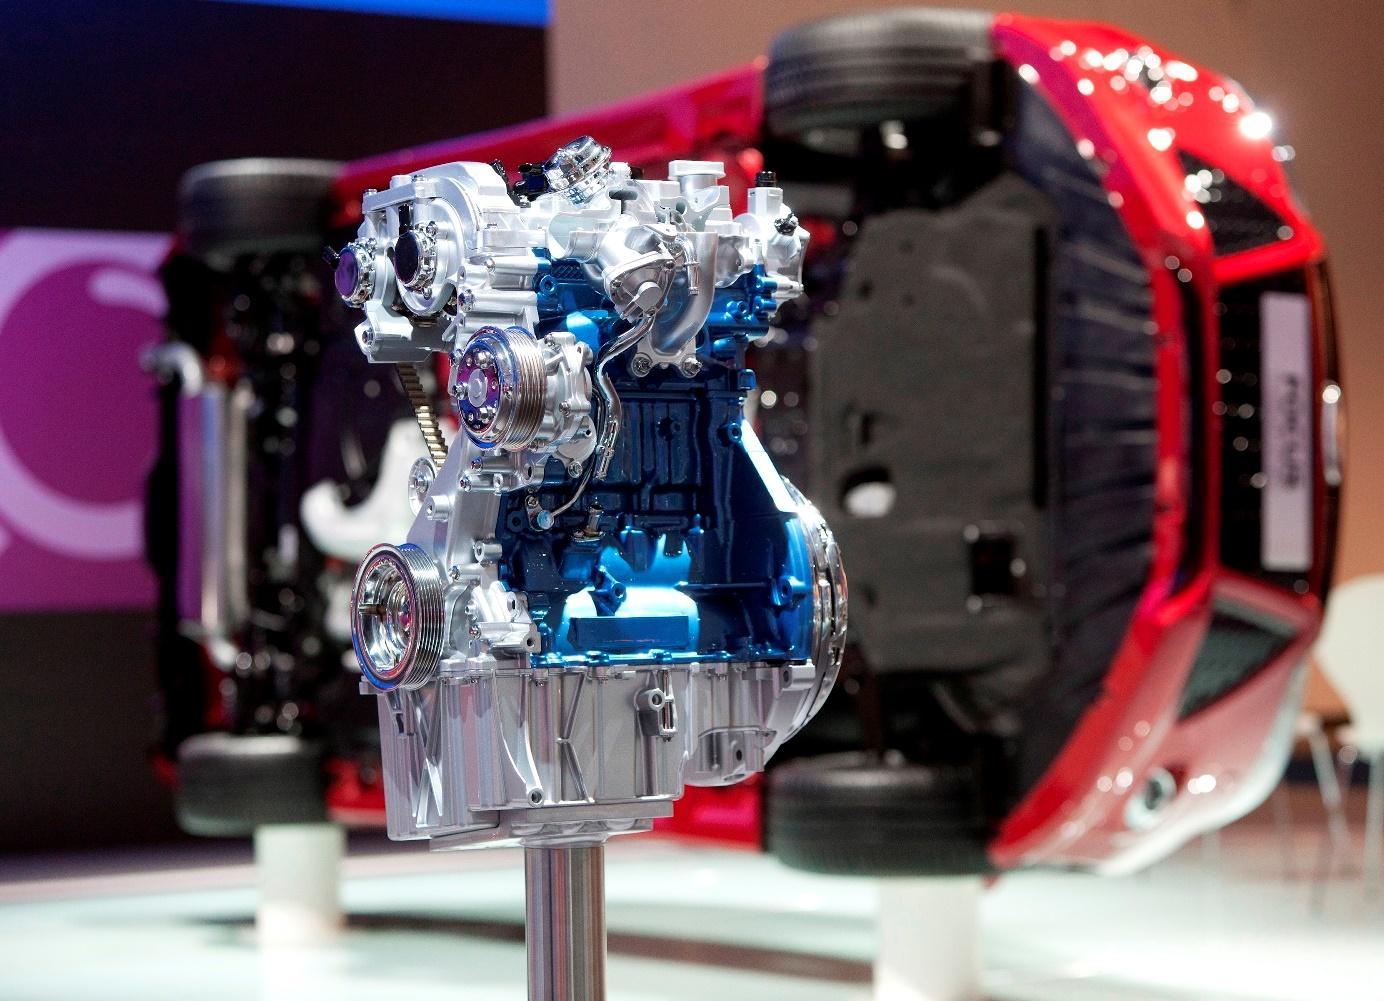 Ford придумал оригинальный «допинг» для даунсайзинговых моторов